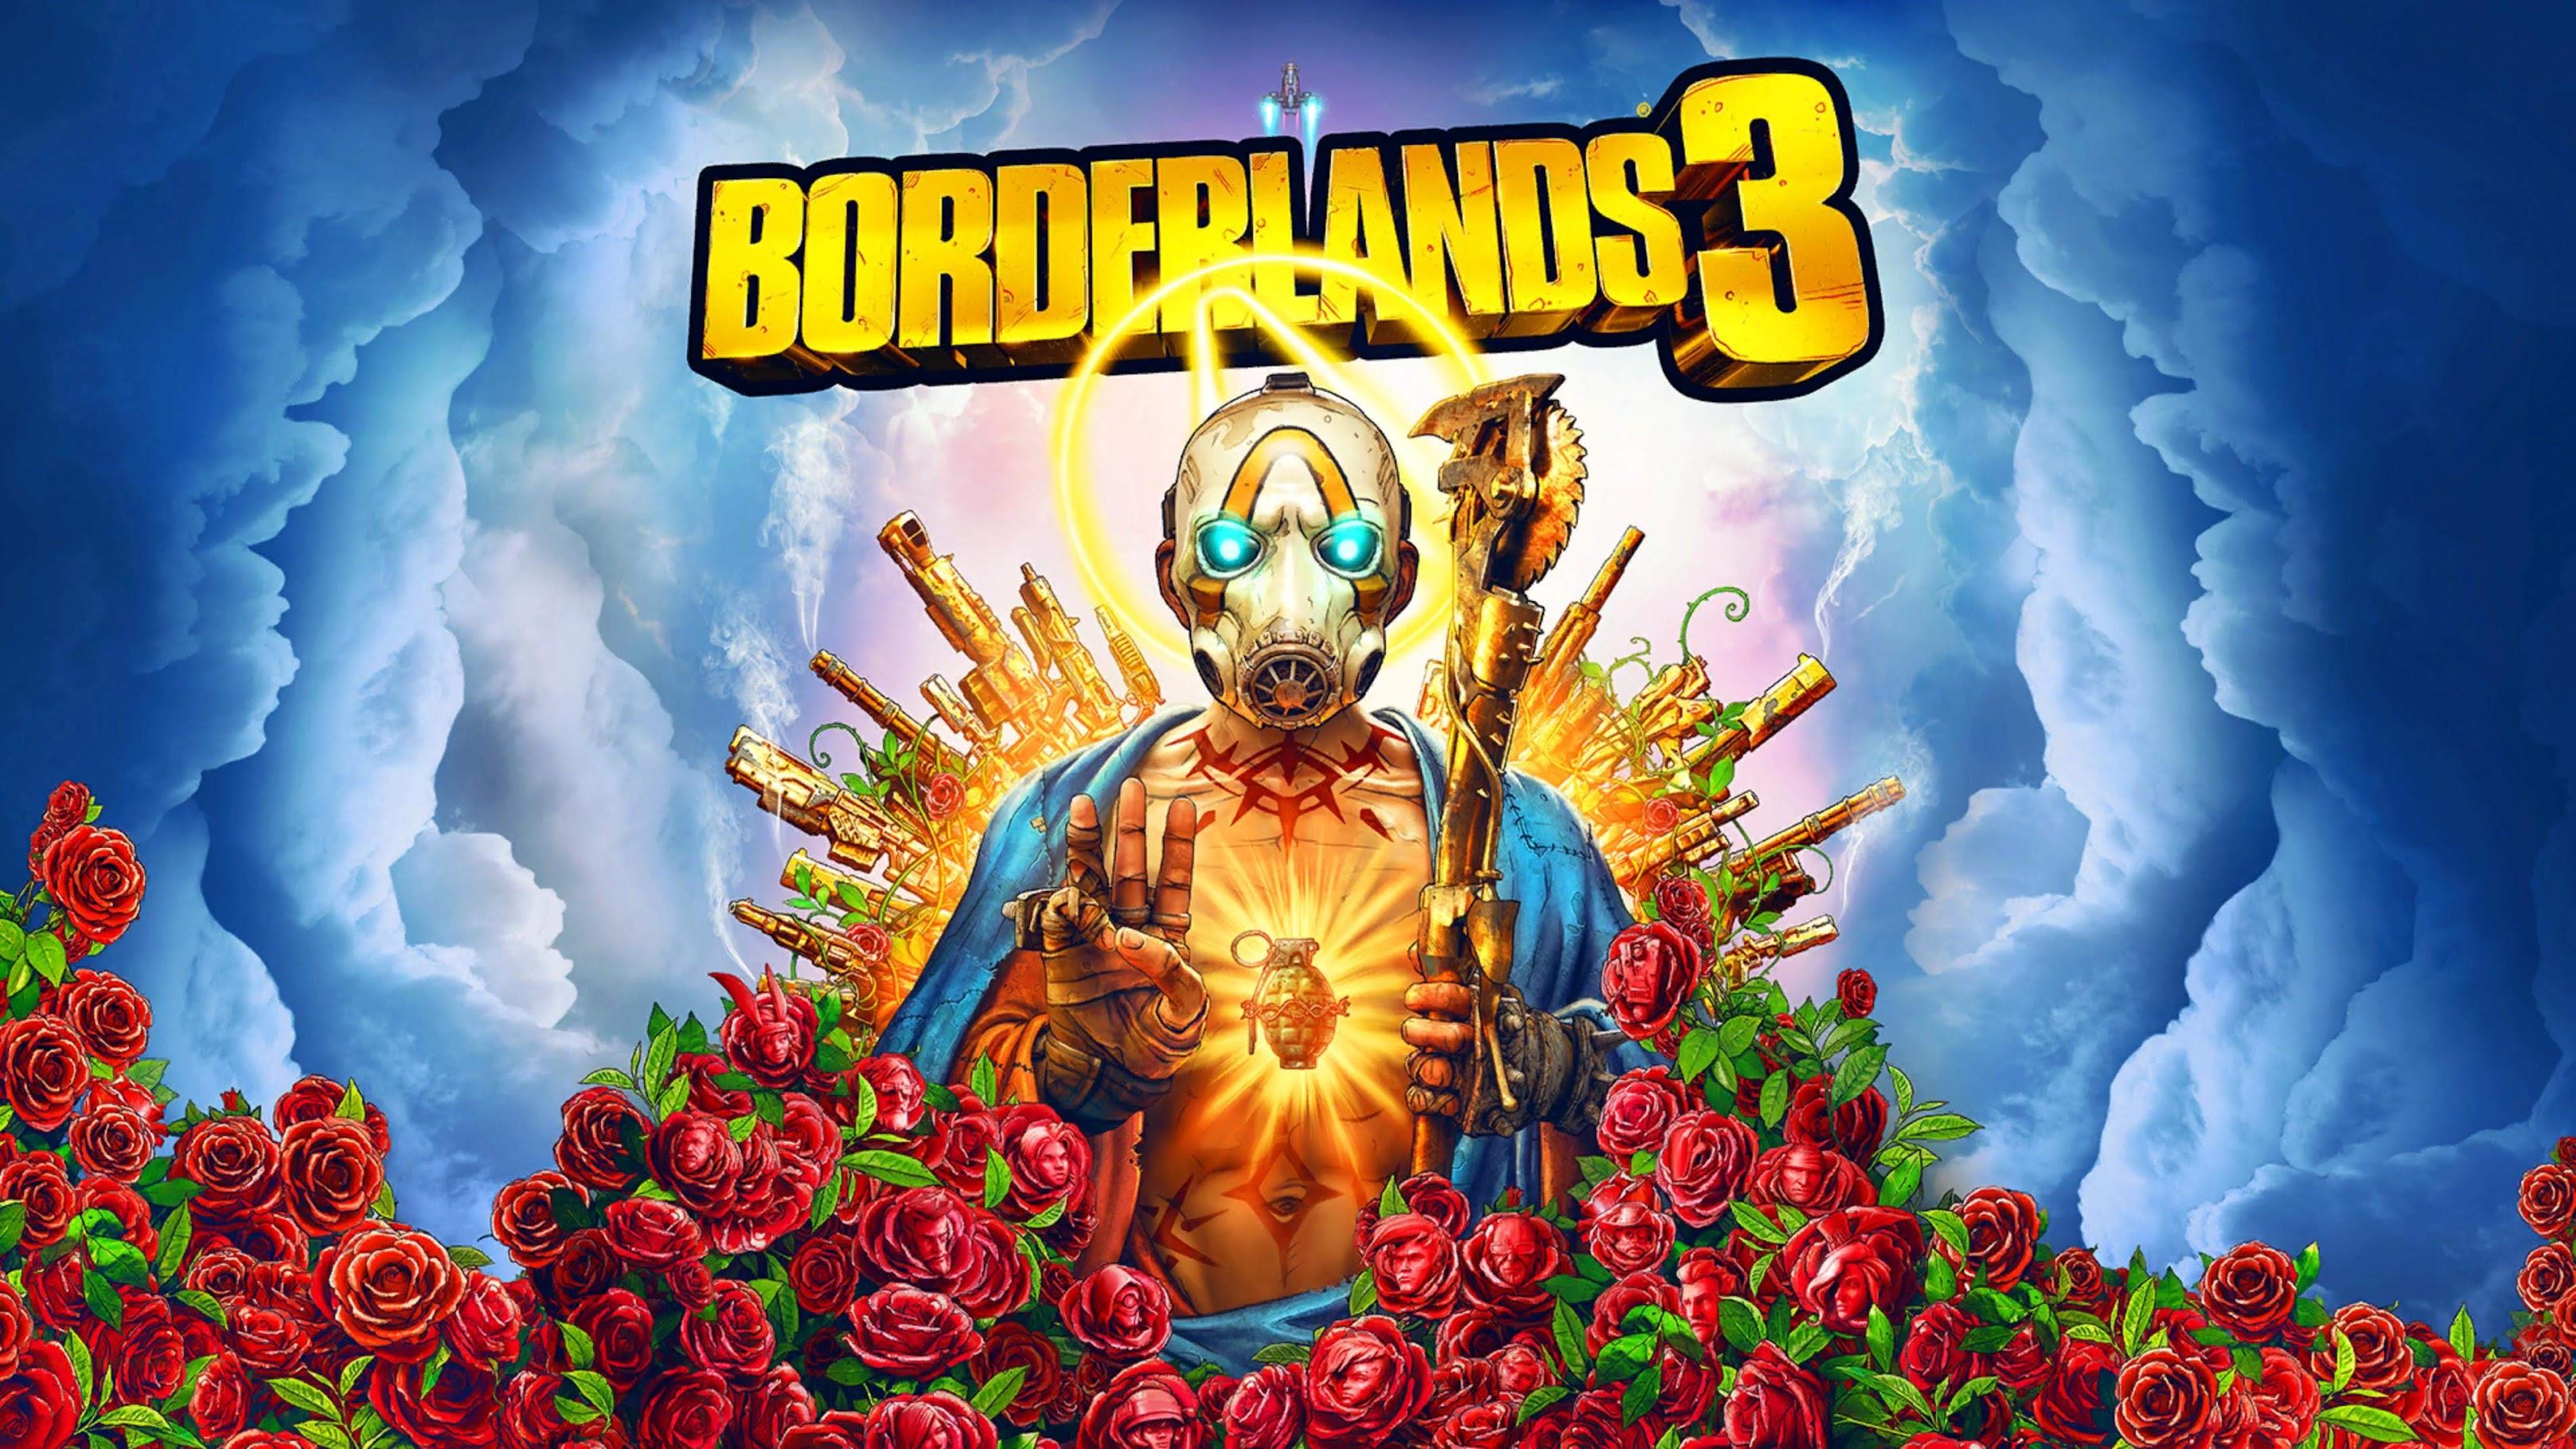 PS4 - Borderlands 3 その26 またメイヘム2で試練系サイドミッションで遊ぼう